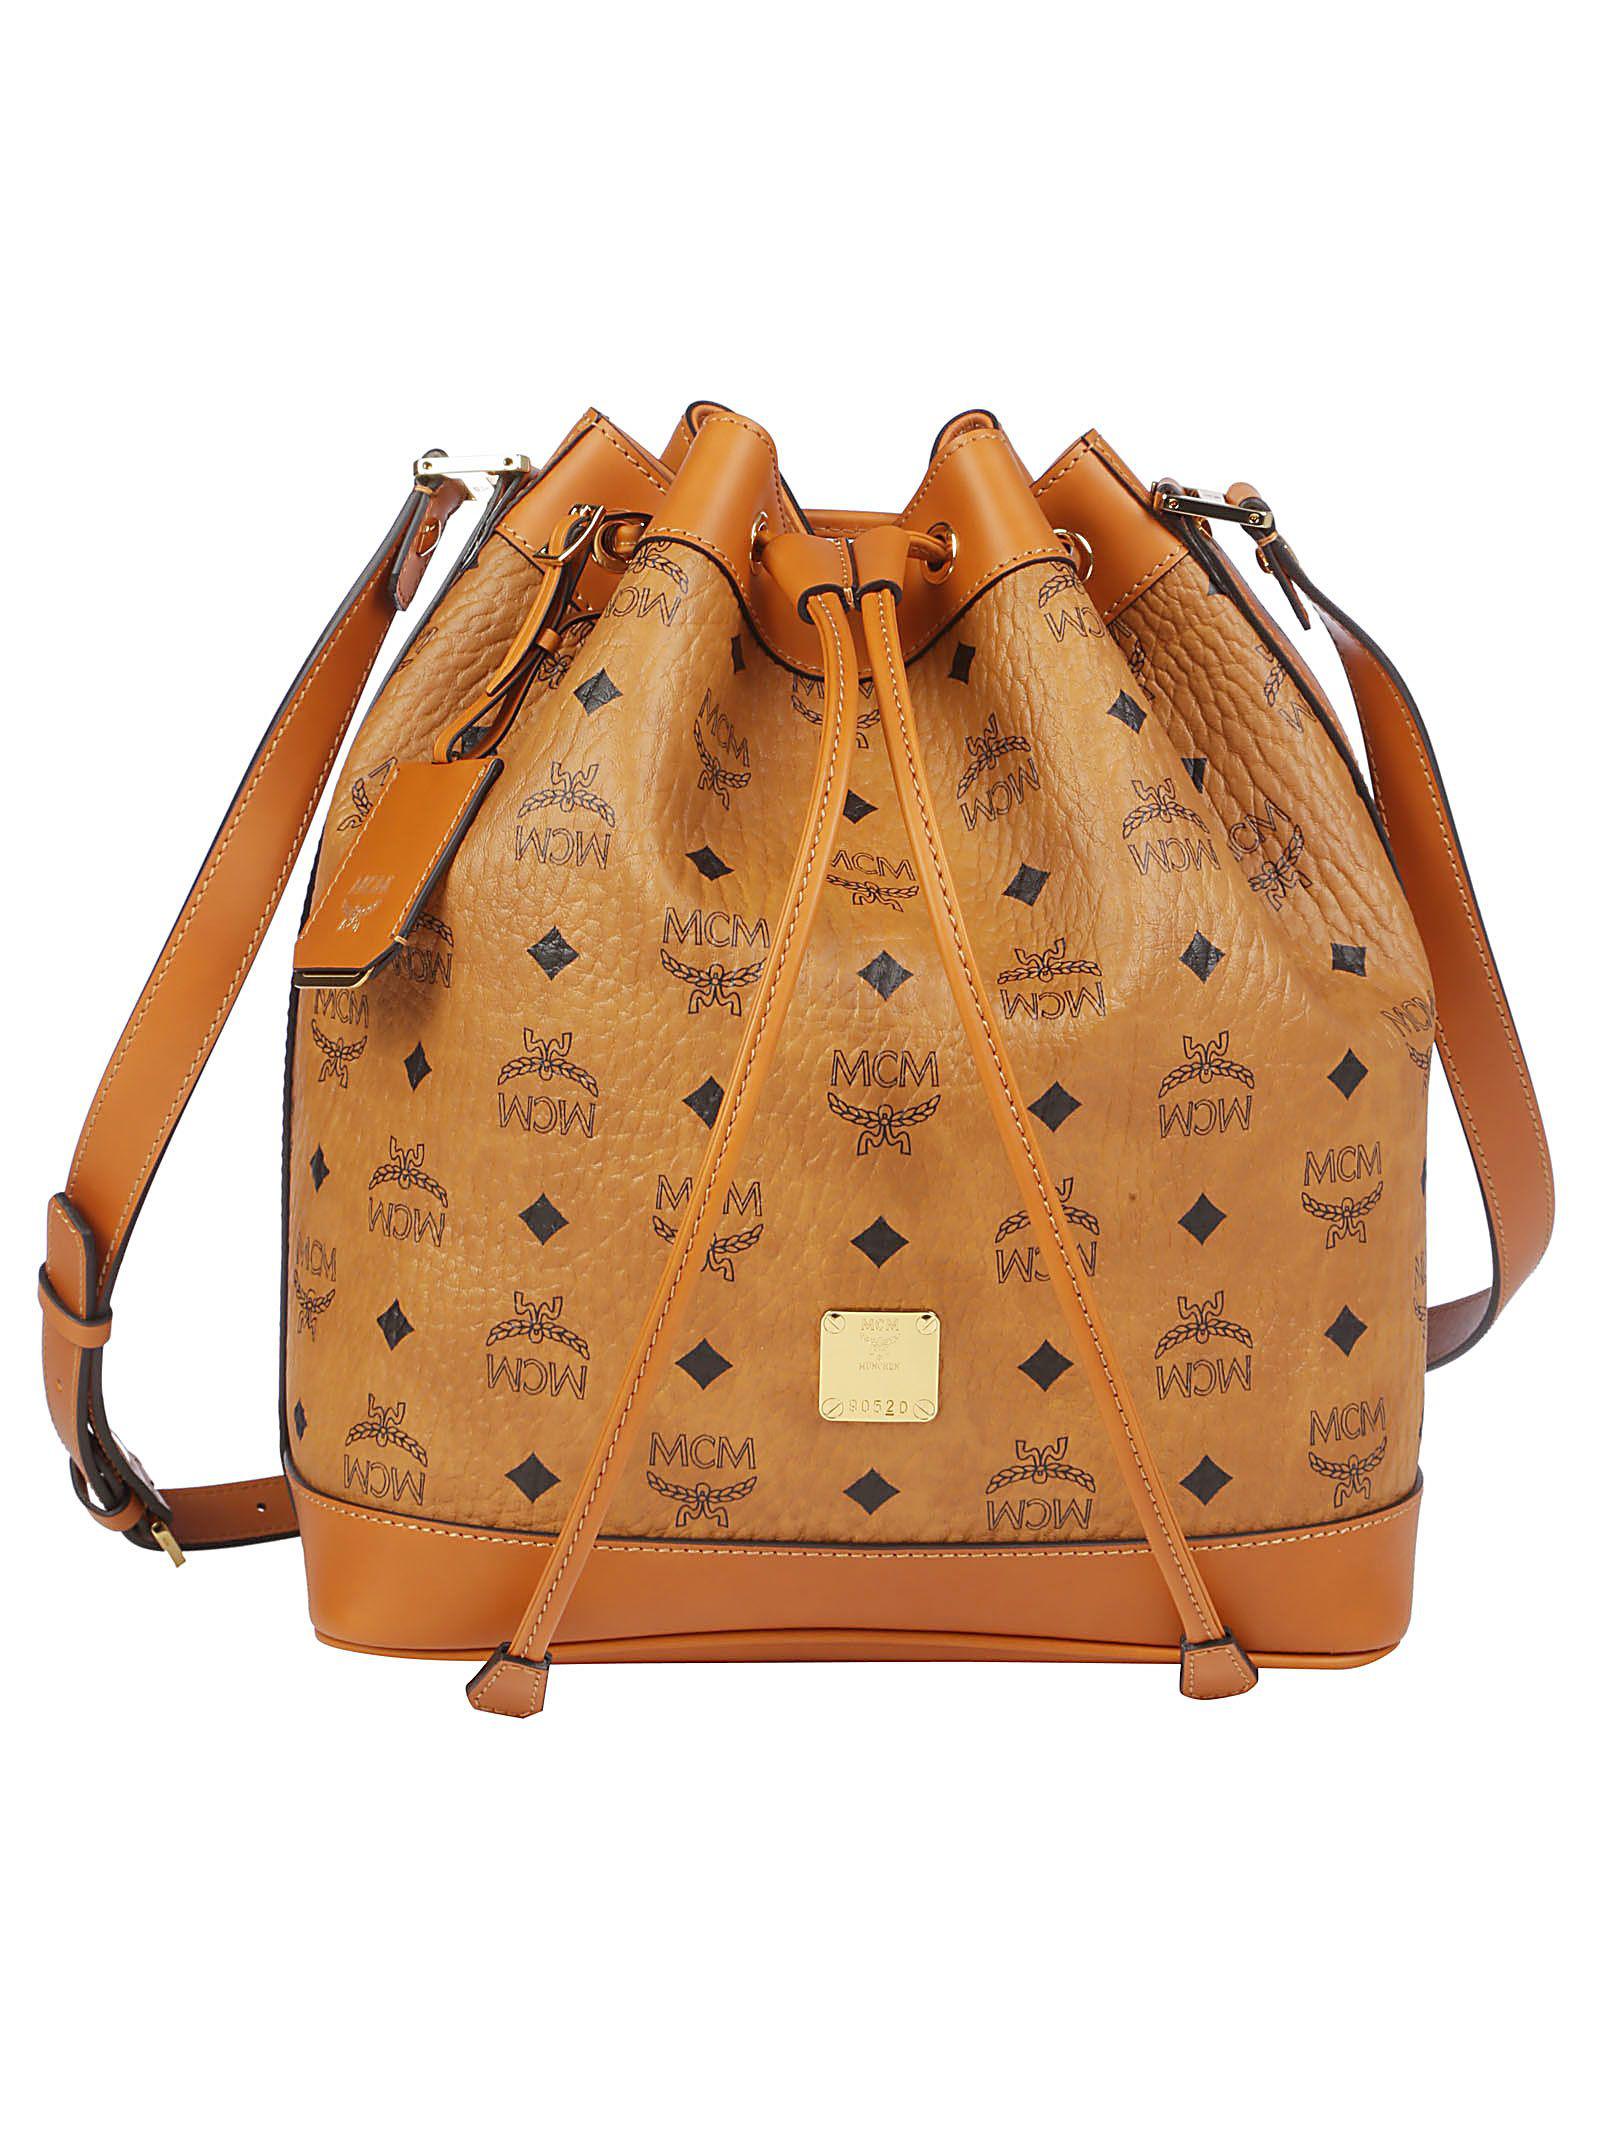 0103541295e Mcm Heritage Bucket Bag In Cognac | ModeSens